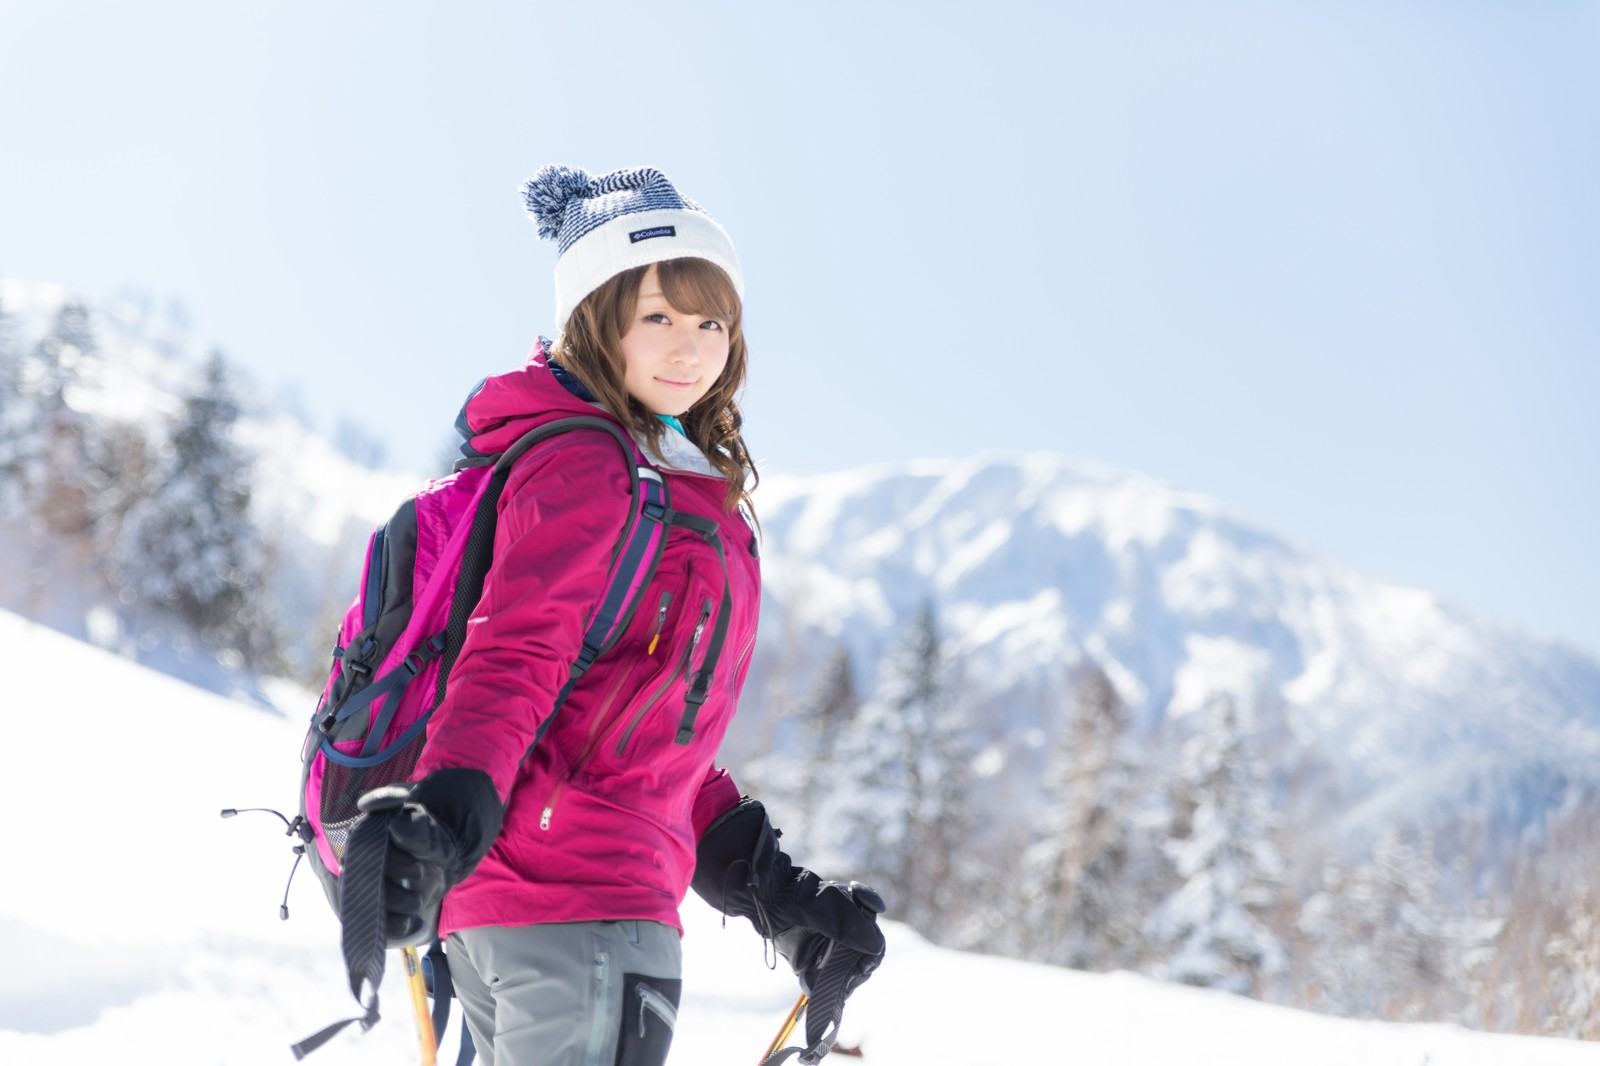 「【悲報】雪山ガイドが可愛すぎてウォーキングに集中できない人頻出」の写真[モデル:茜さや]